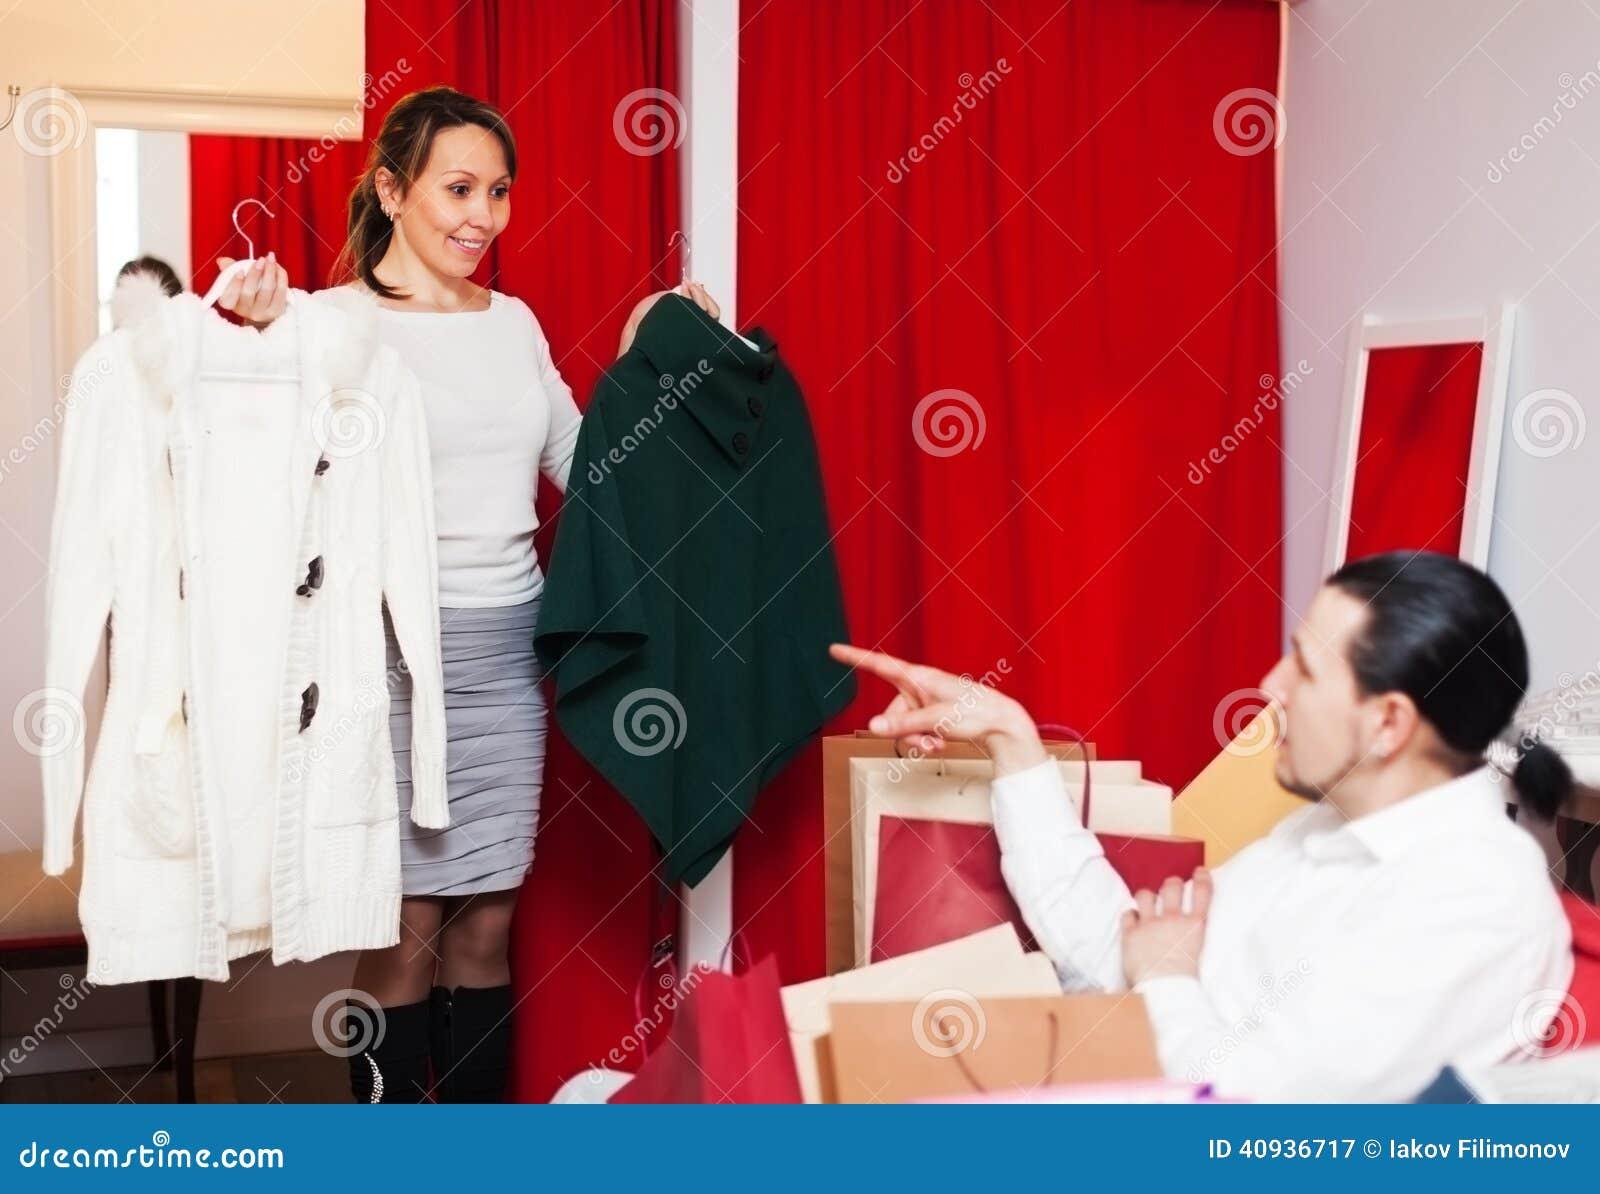 couple clothing